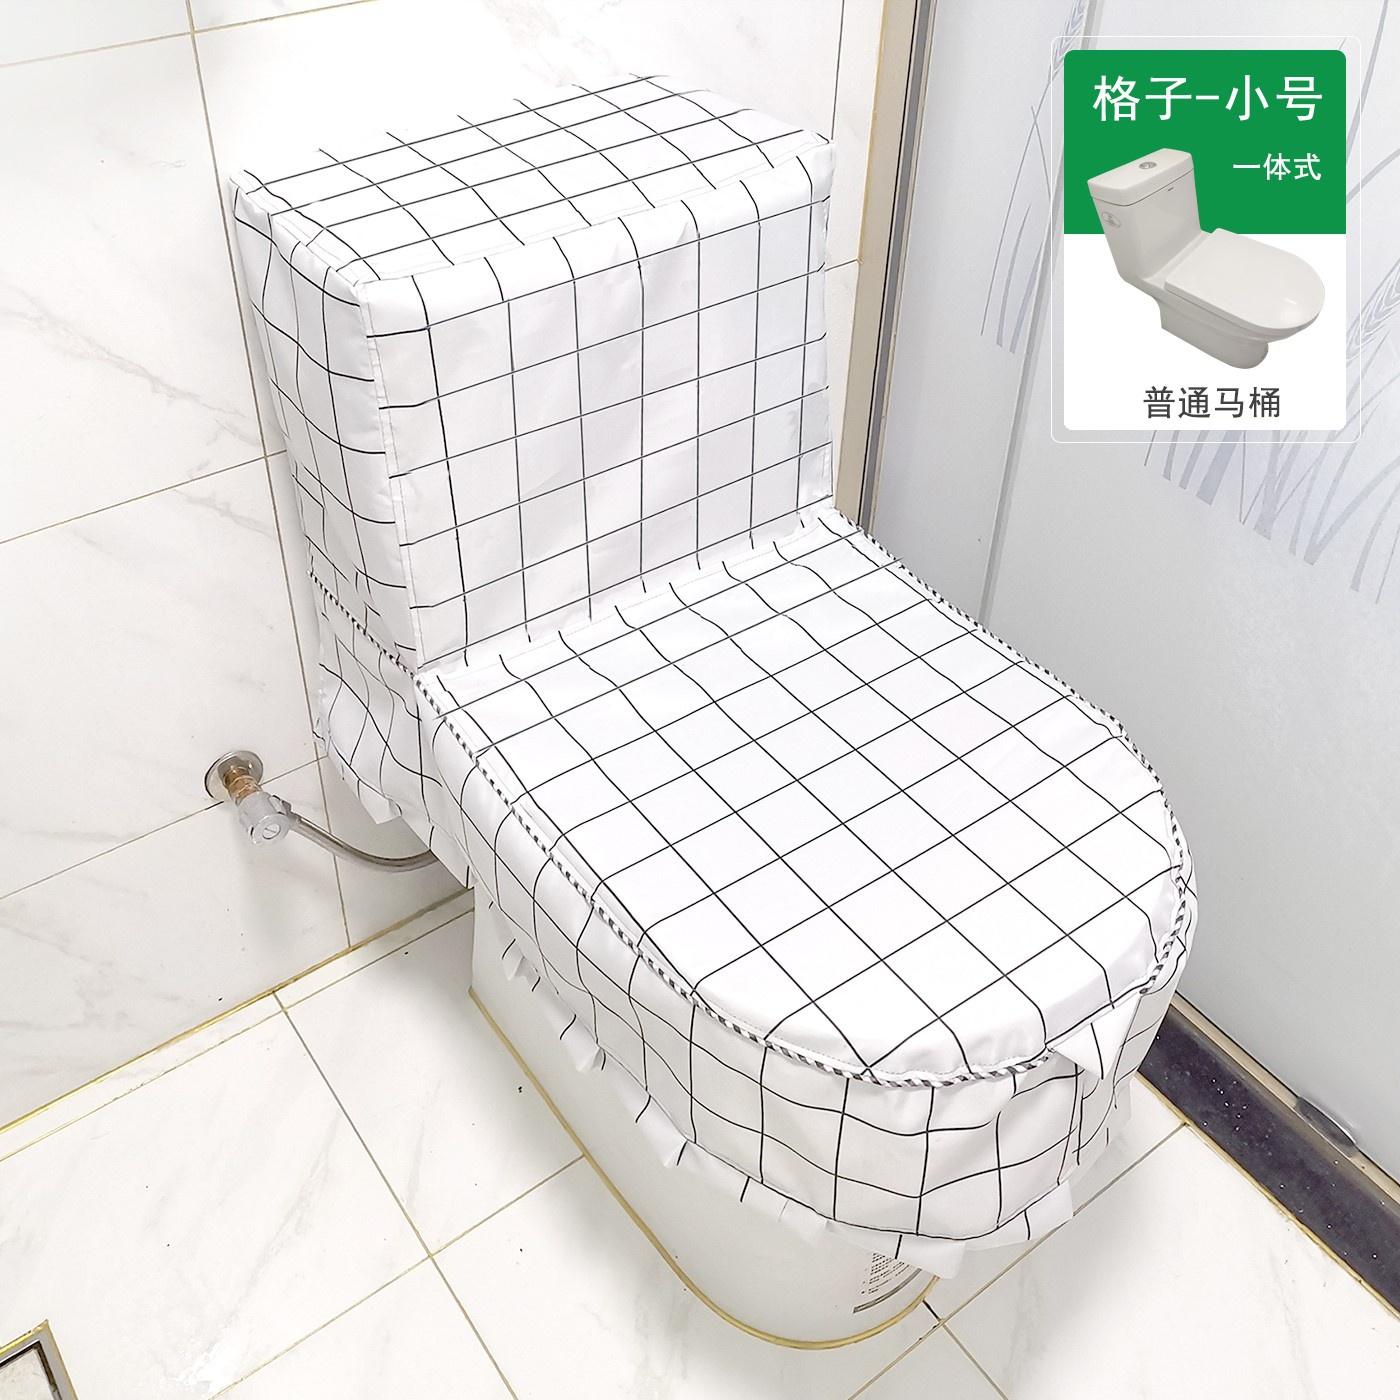 便器カバー防水カバーインテリジェントトイレカバートイレのシャワー全室防水カバー防塵カバー